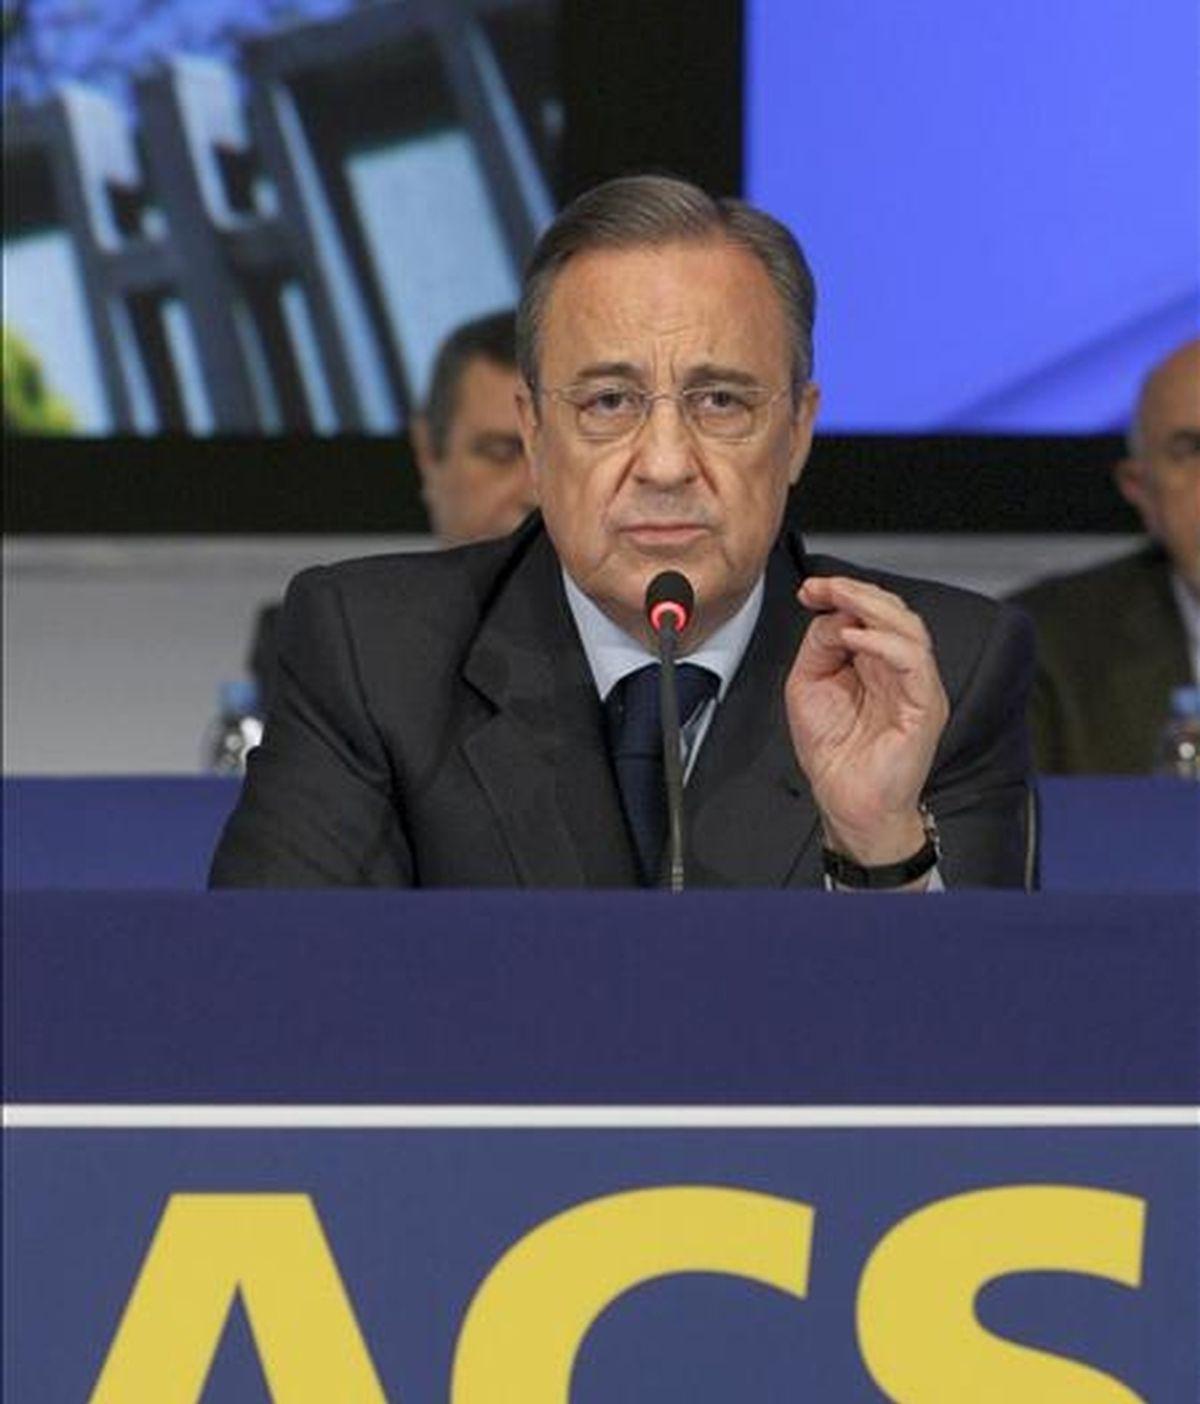 Foto de archivo del presidente de ACS, Florentino Pérez, durante su intervención en la Junta General extraordinaria de accionistas. EFE/Archivo